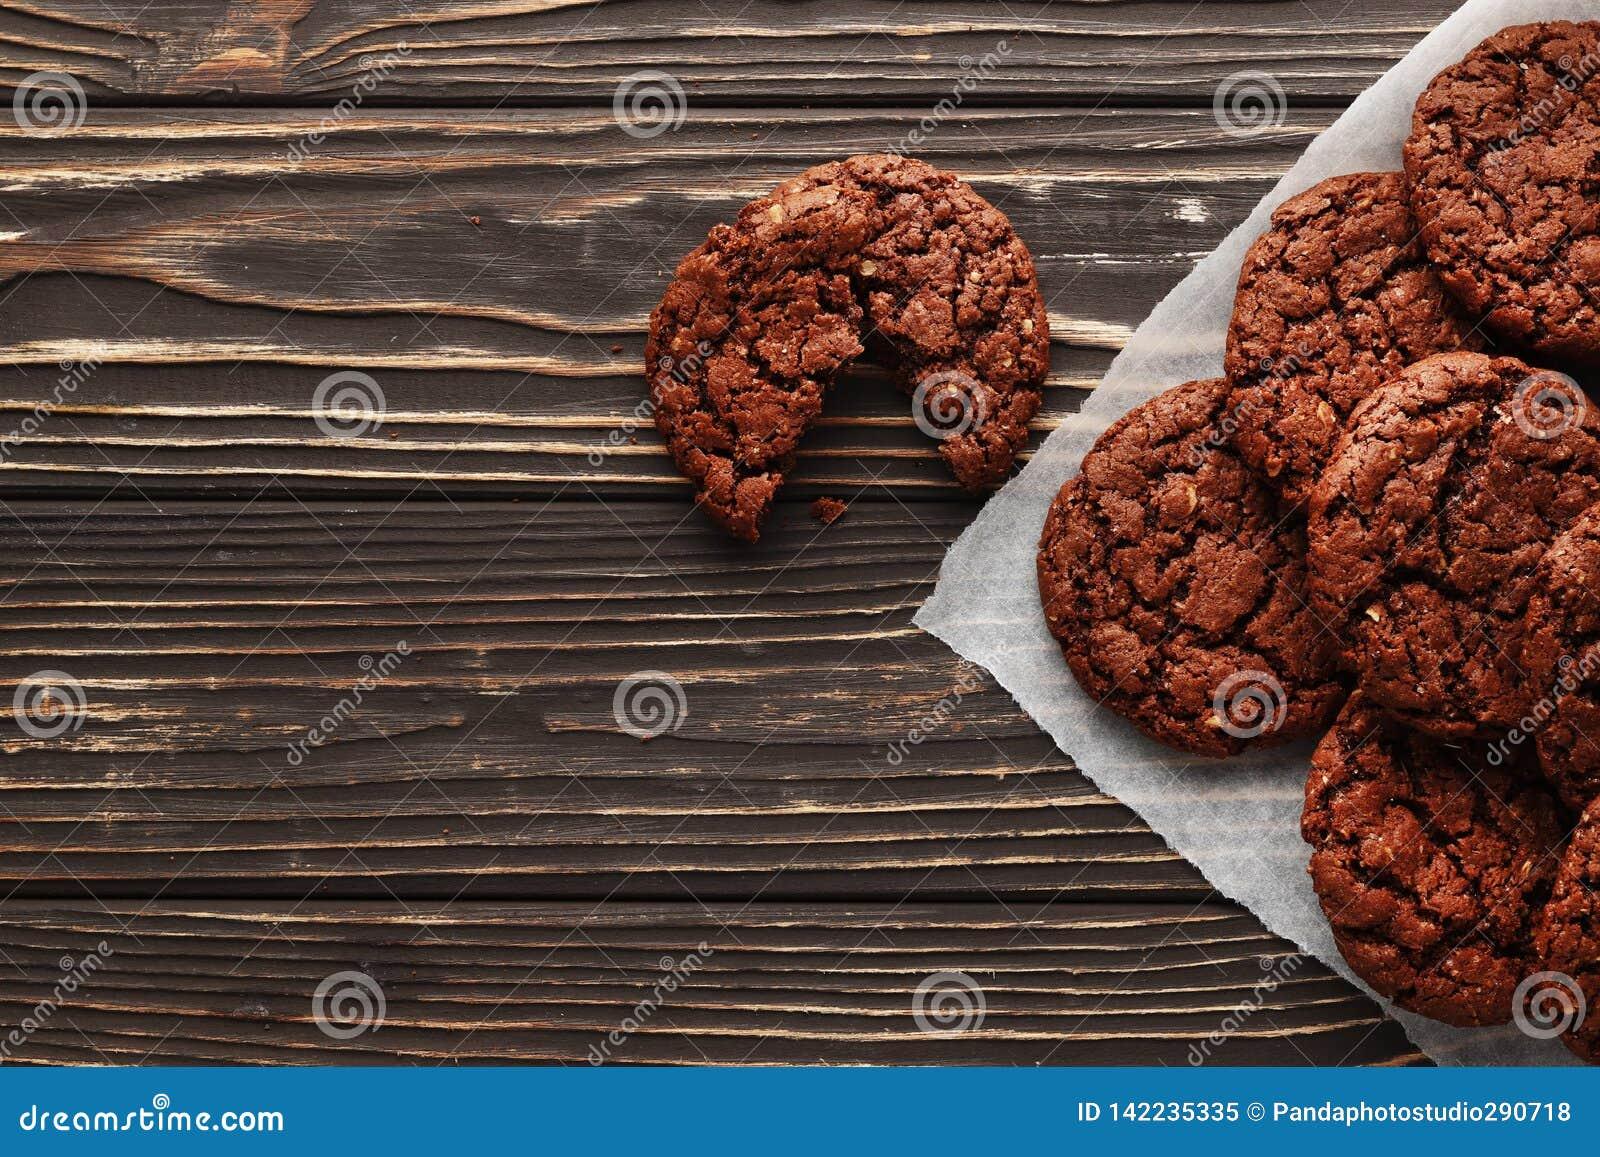 Schokoladenkuchen auf hölzernem Hintergrund